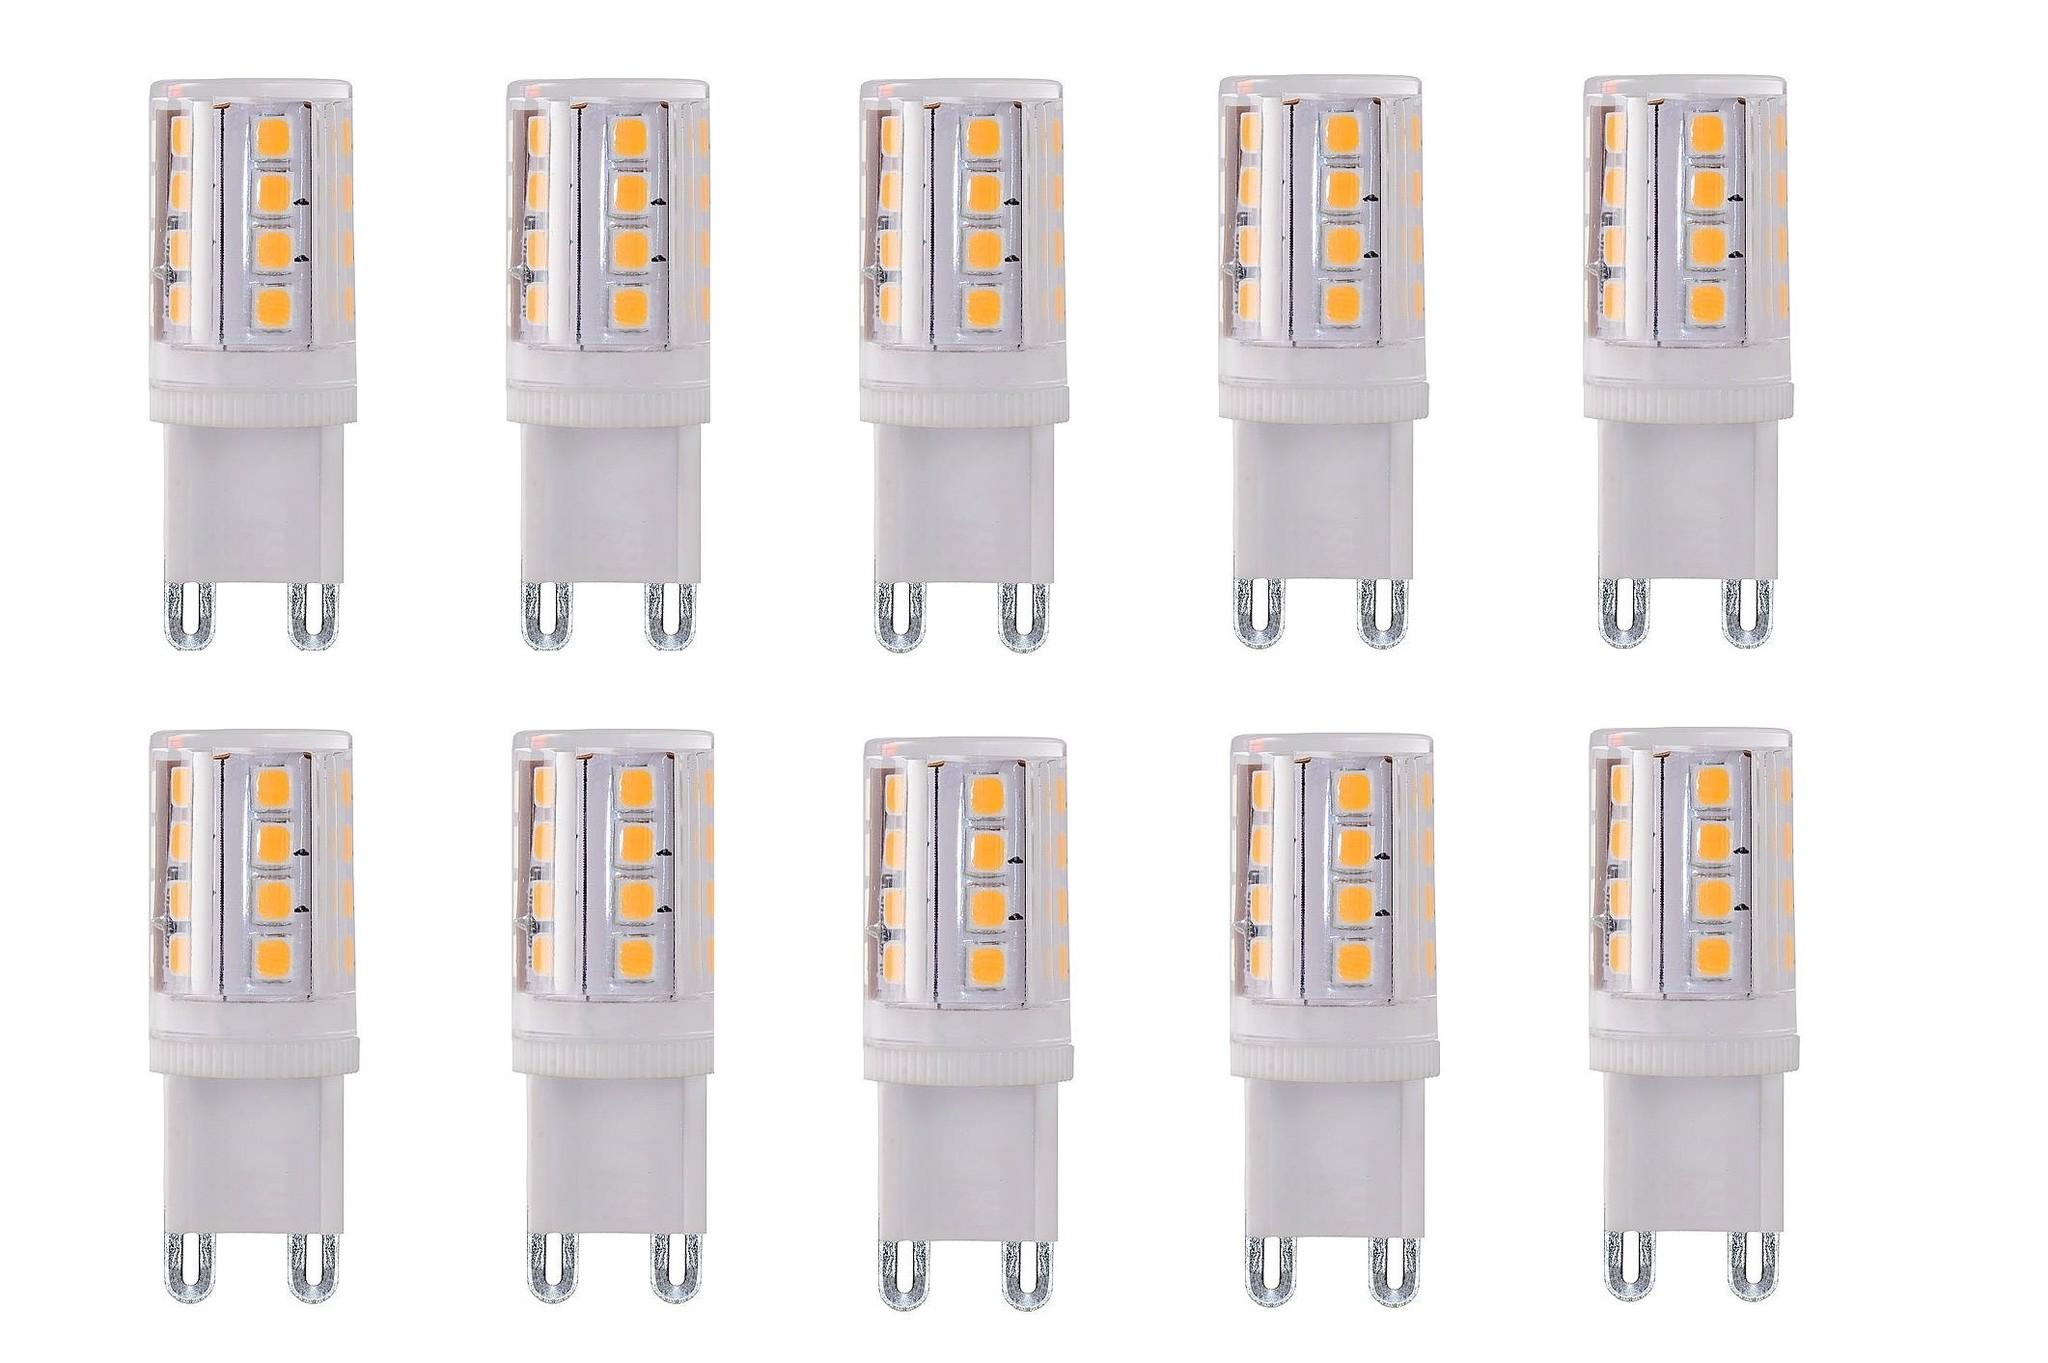 G9 3.5Watt Led Lamp 2700K Dimbaar 10 Stuks